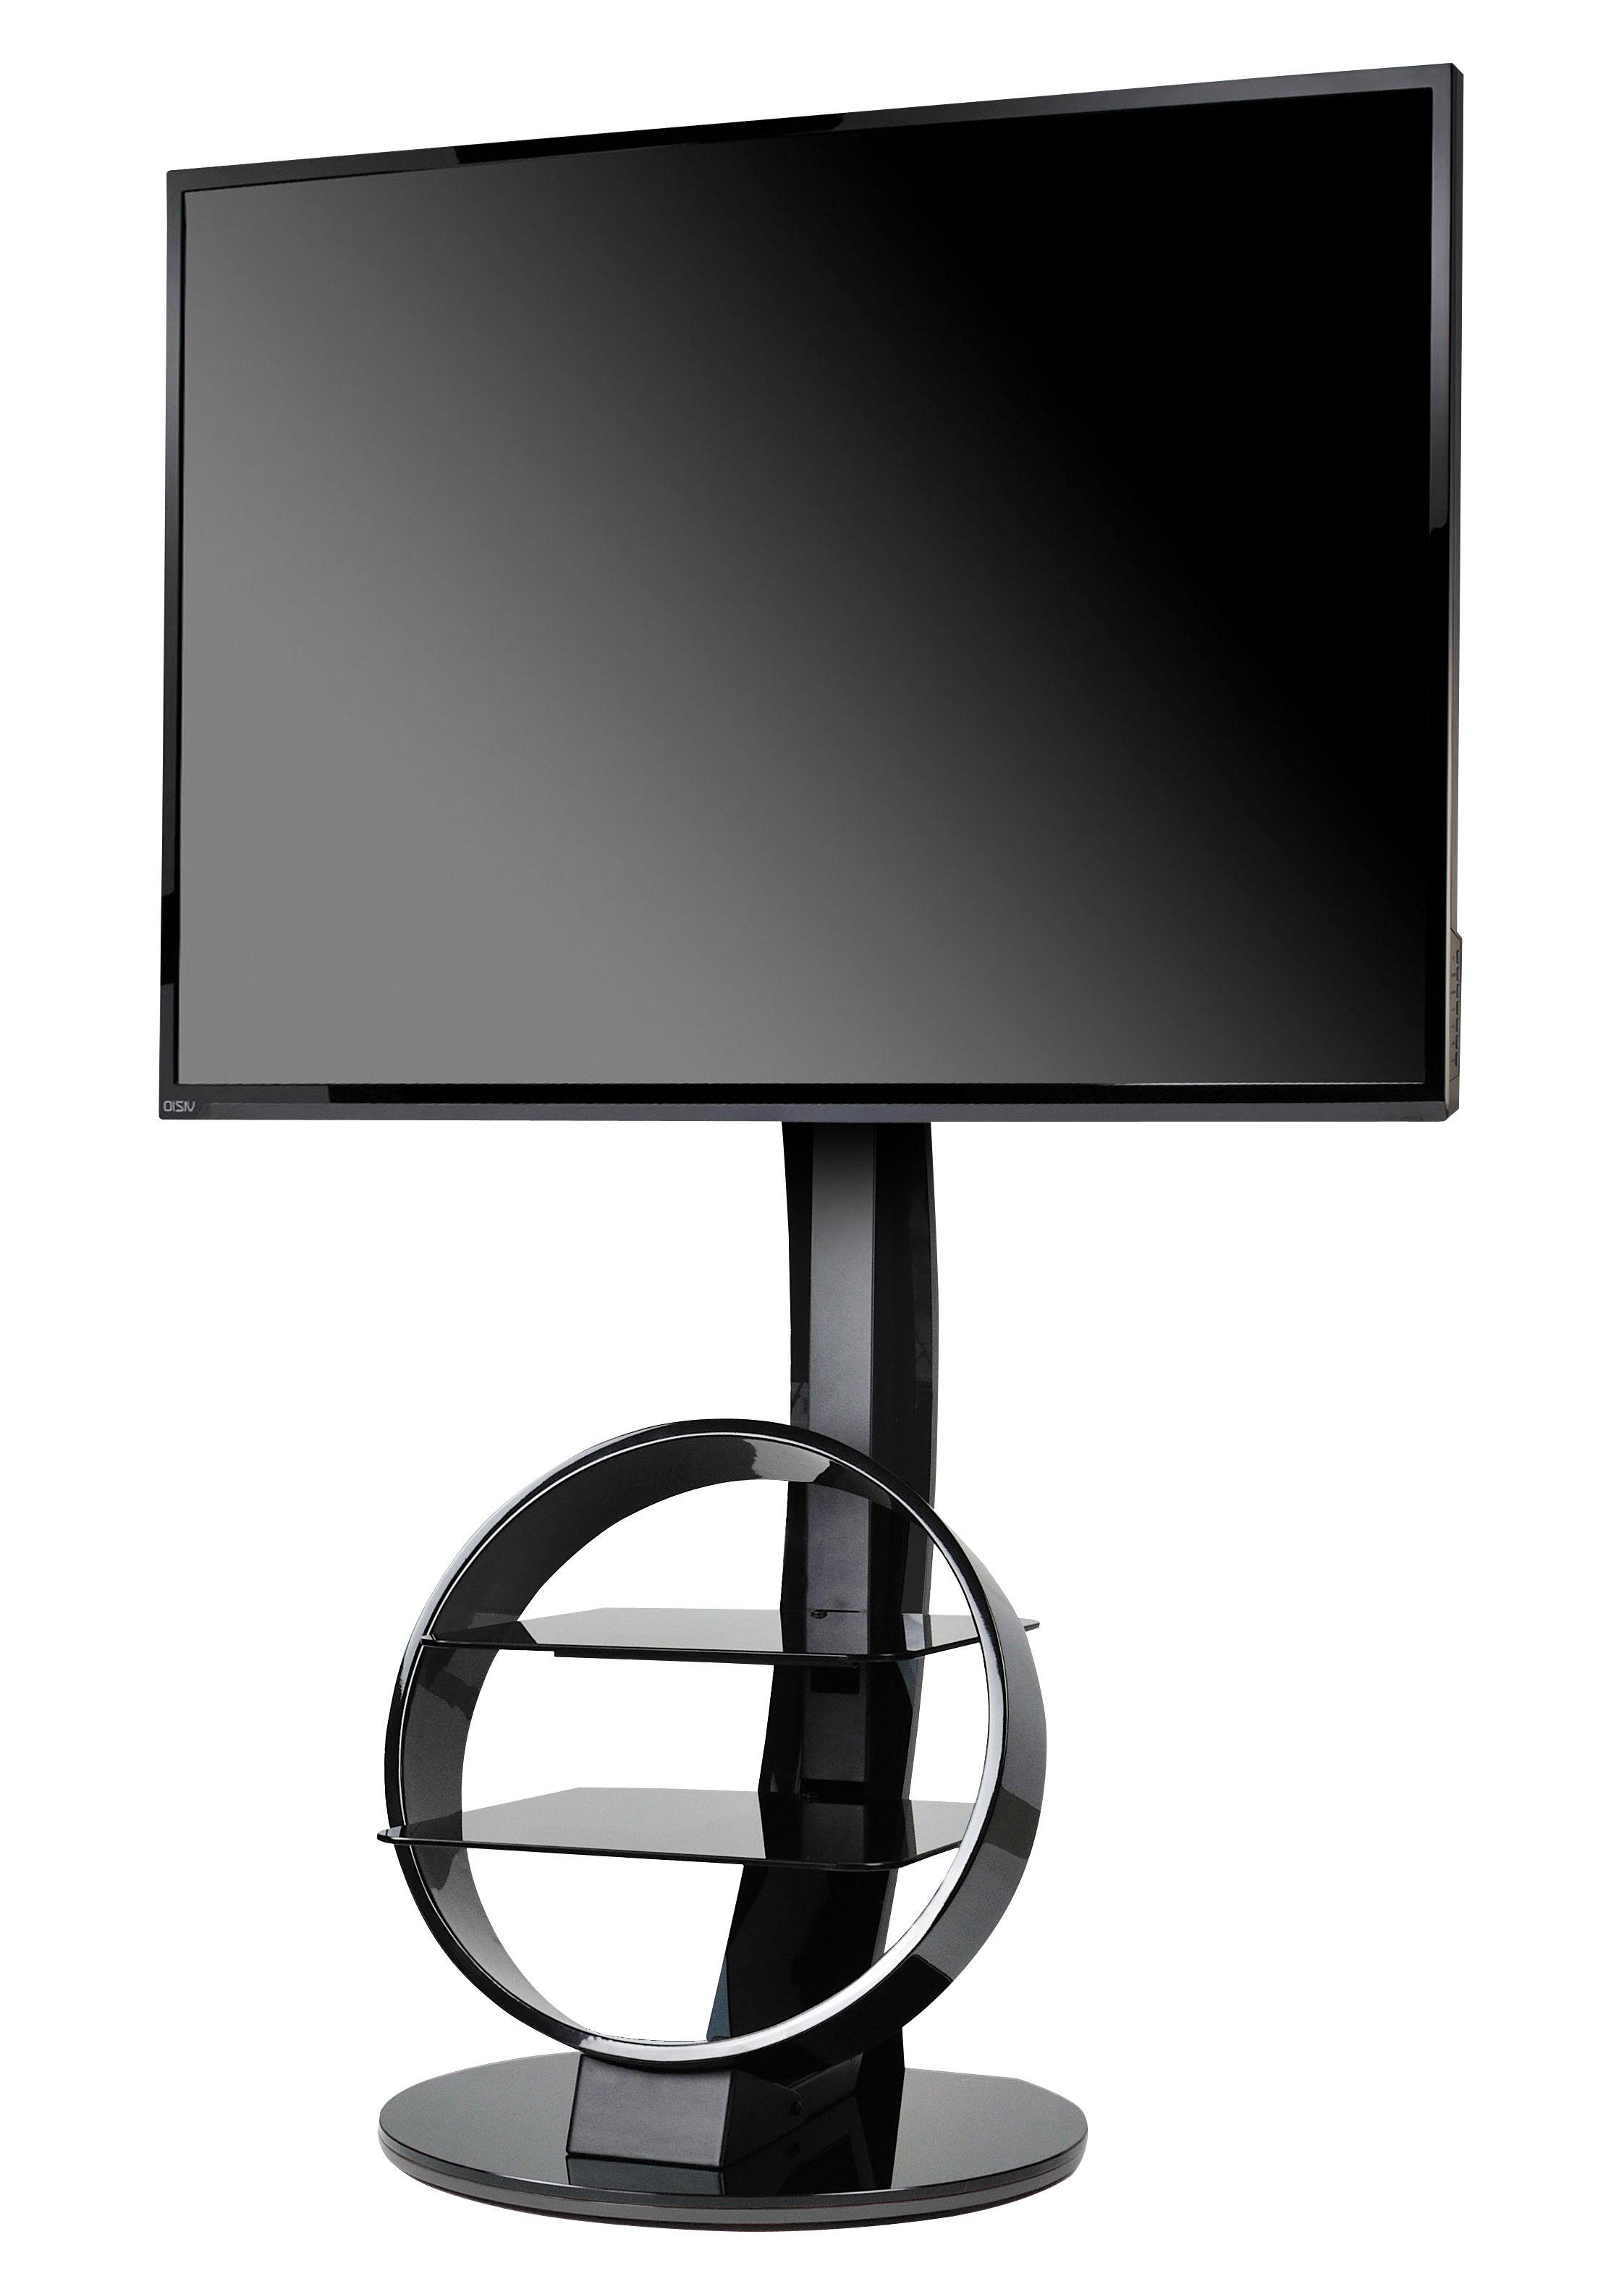 Mobilier - Meubles TV - Meuble TV Circle / Inclinable & orientable - Ateca - Noir - MDF, Métal, Verre trempé